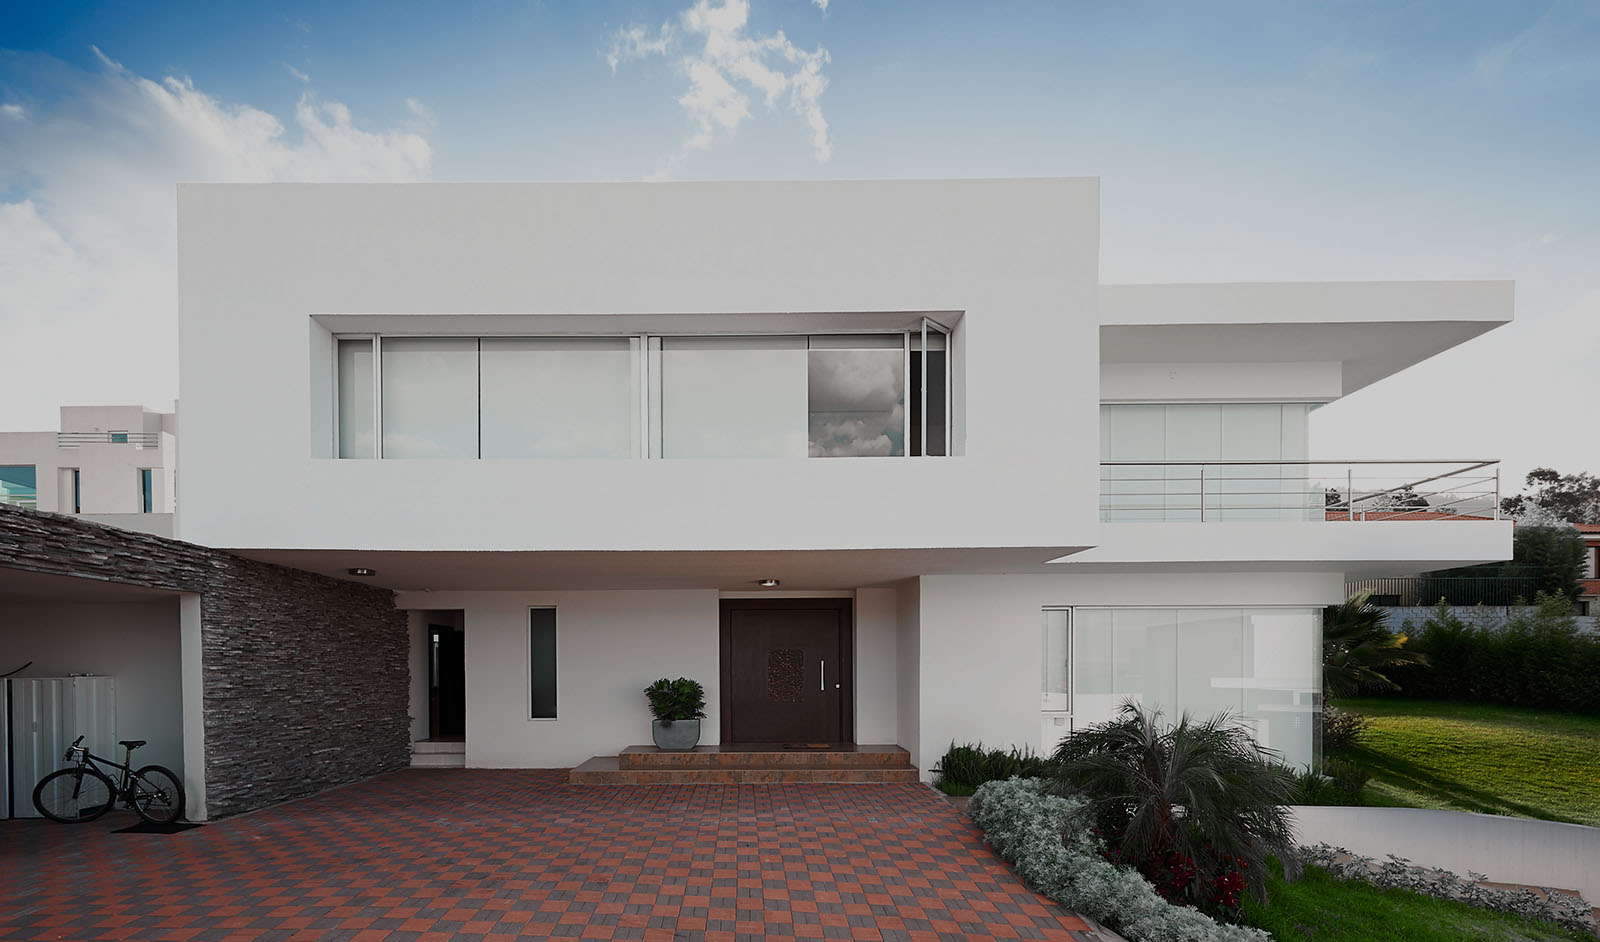 Constructeur maison var maison moderne for Constructeur maison acier